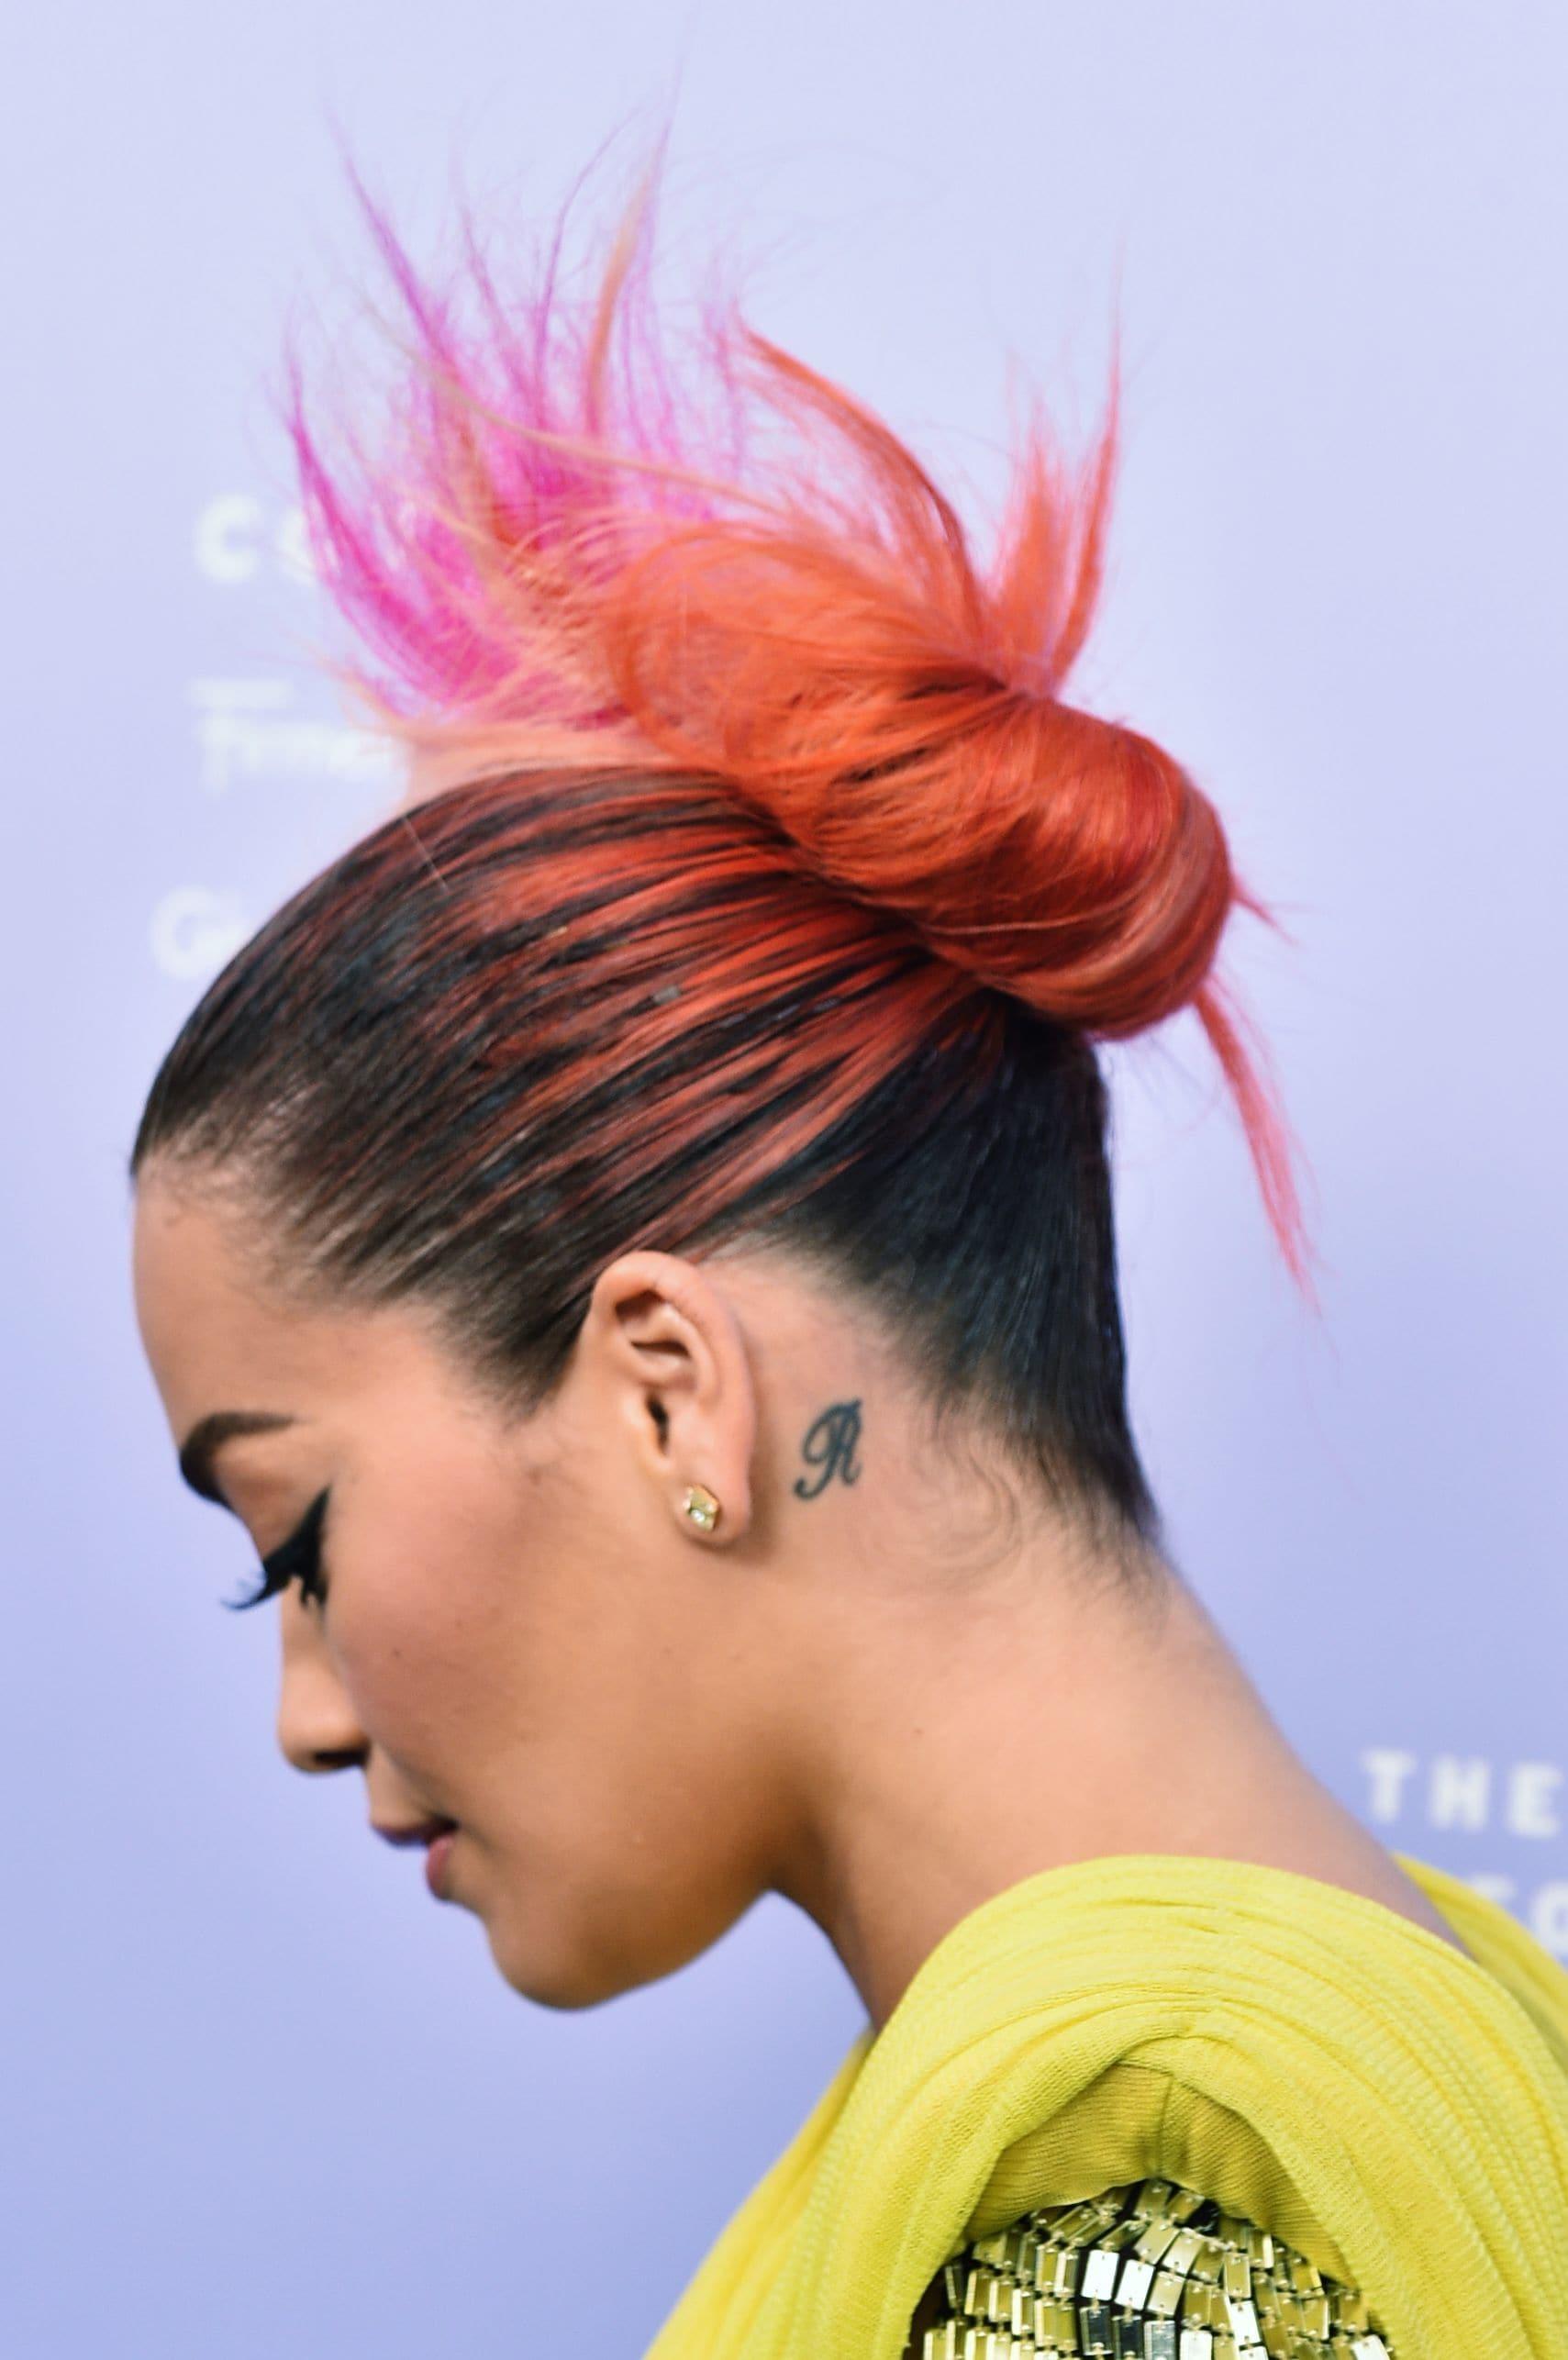 ко-вошинг пучок омбре оранжевые розовые волосы